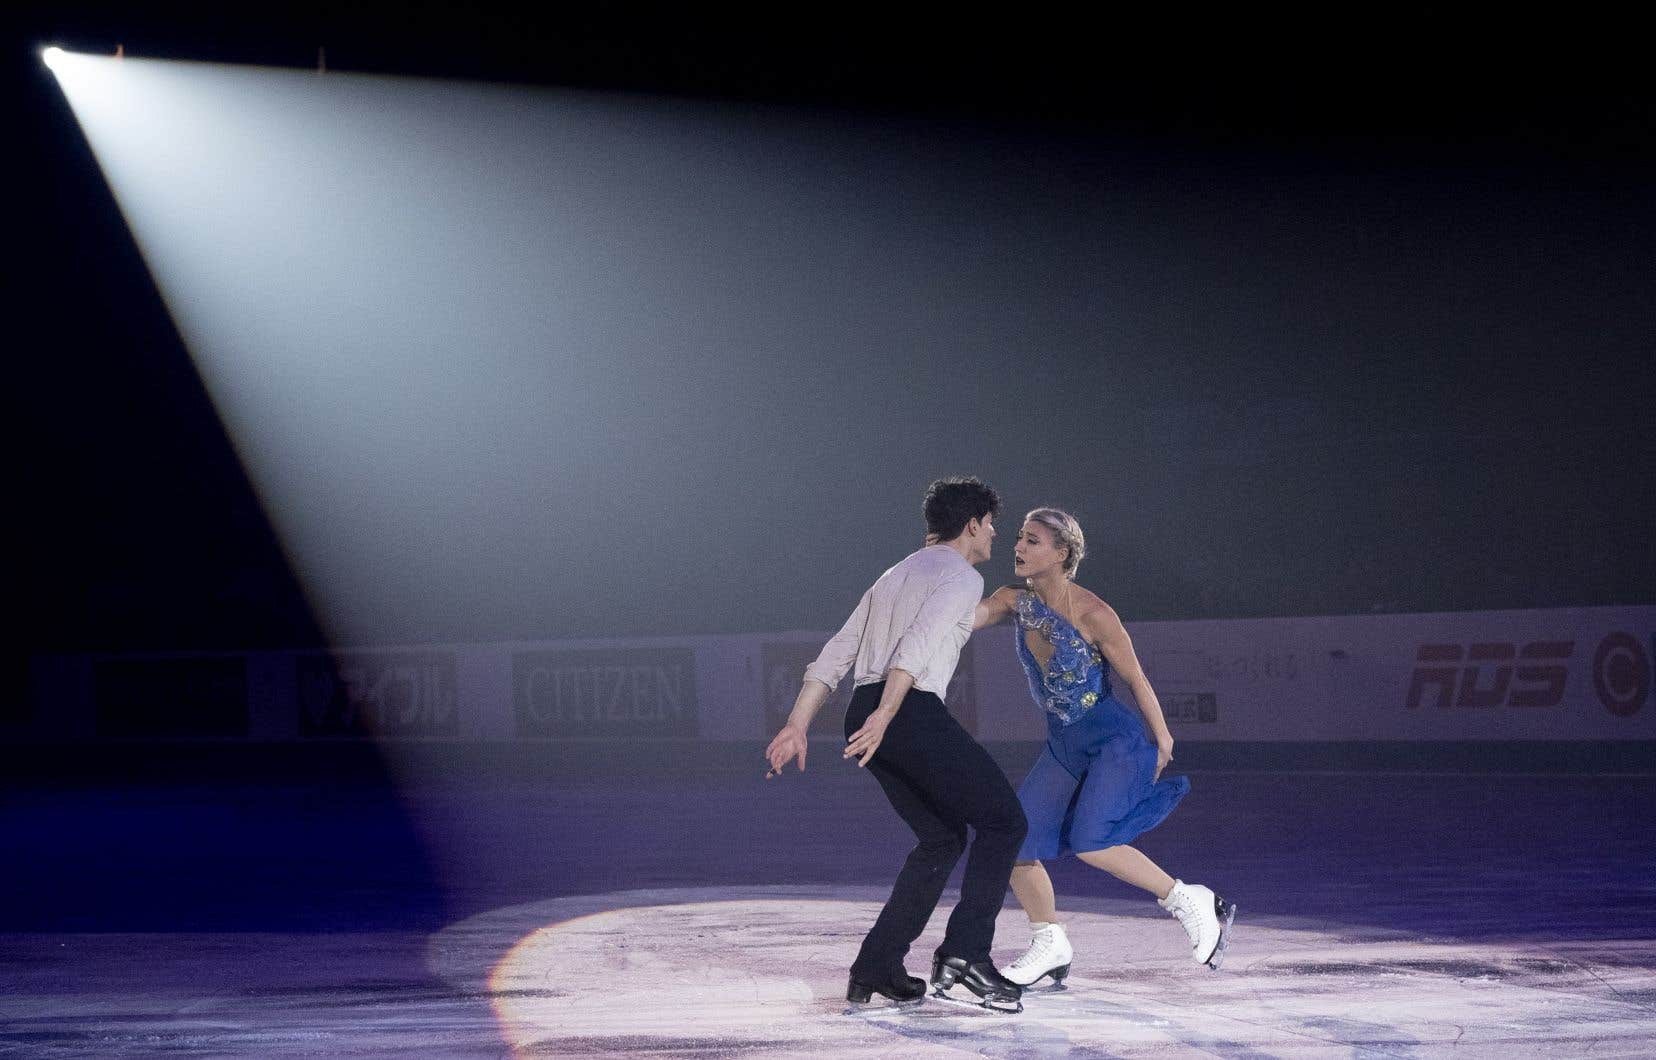 L'événement aurait sonné lieu à la première compétition pour les patineurs canadiens depuis que la pandémie de la COVID-19 a forcé l'annulation des Championnats mondiaux, qui devaient commencer à Montréal le 16mars.